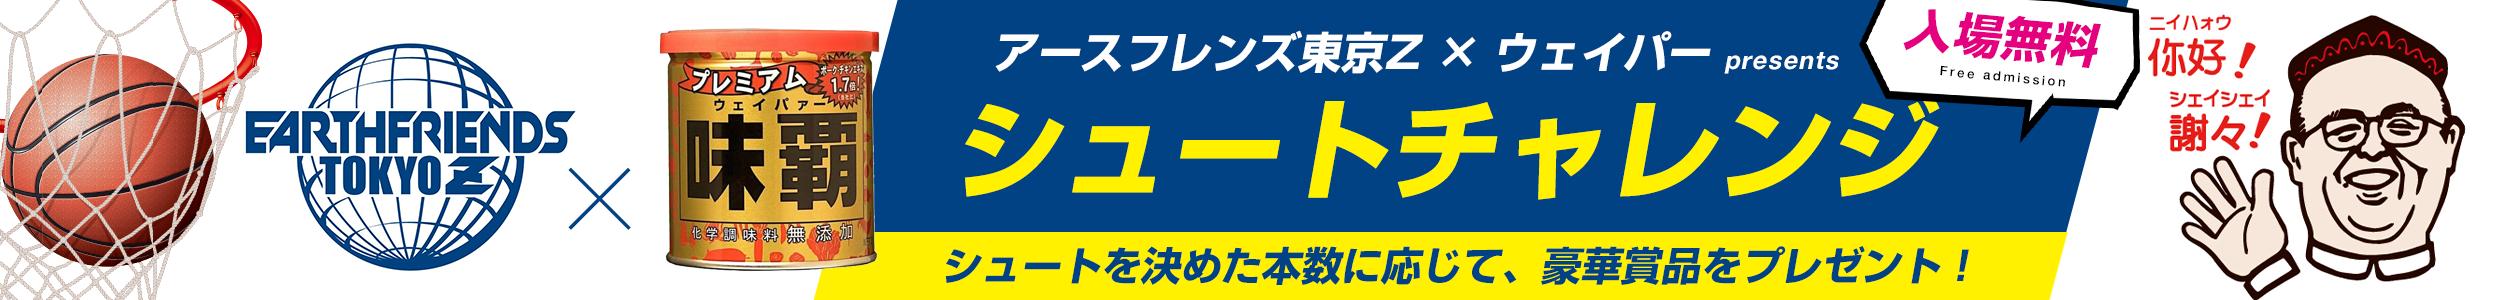 アースフレンズ東京Z × ウェイパー presents シュートチャレンジ